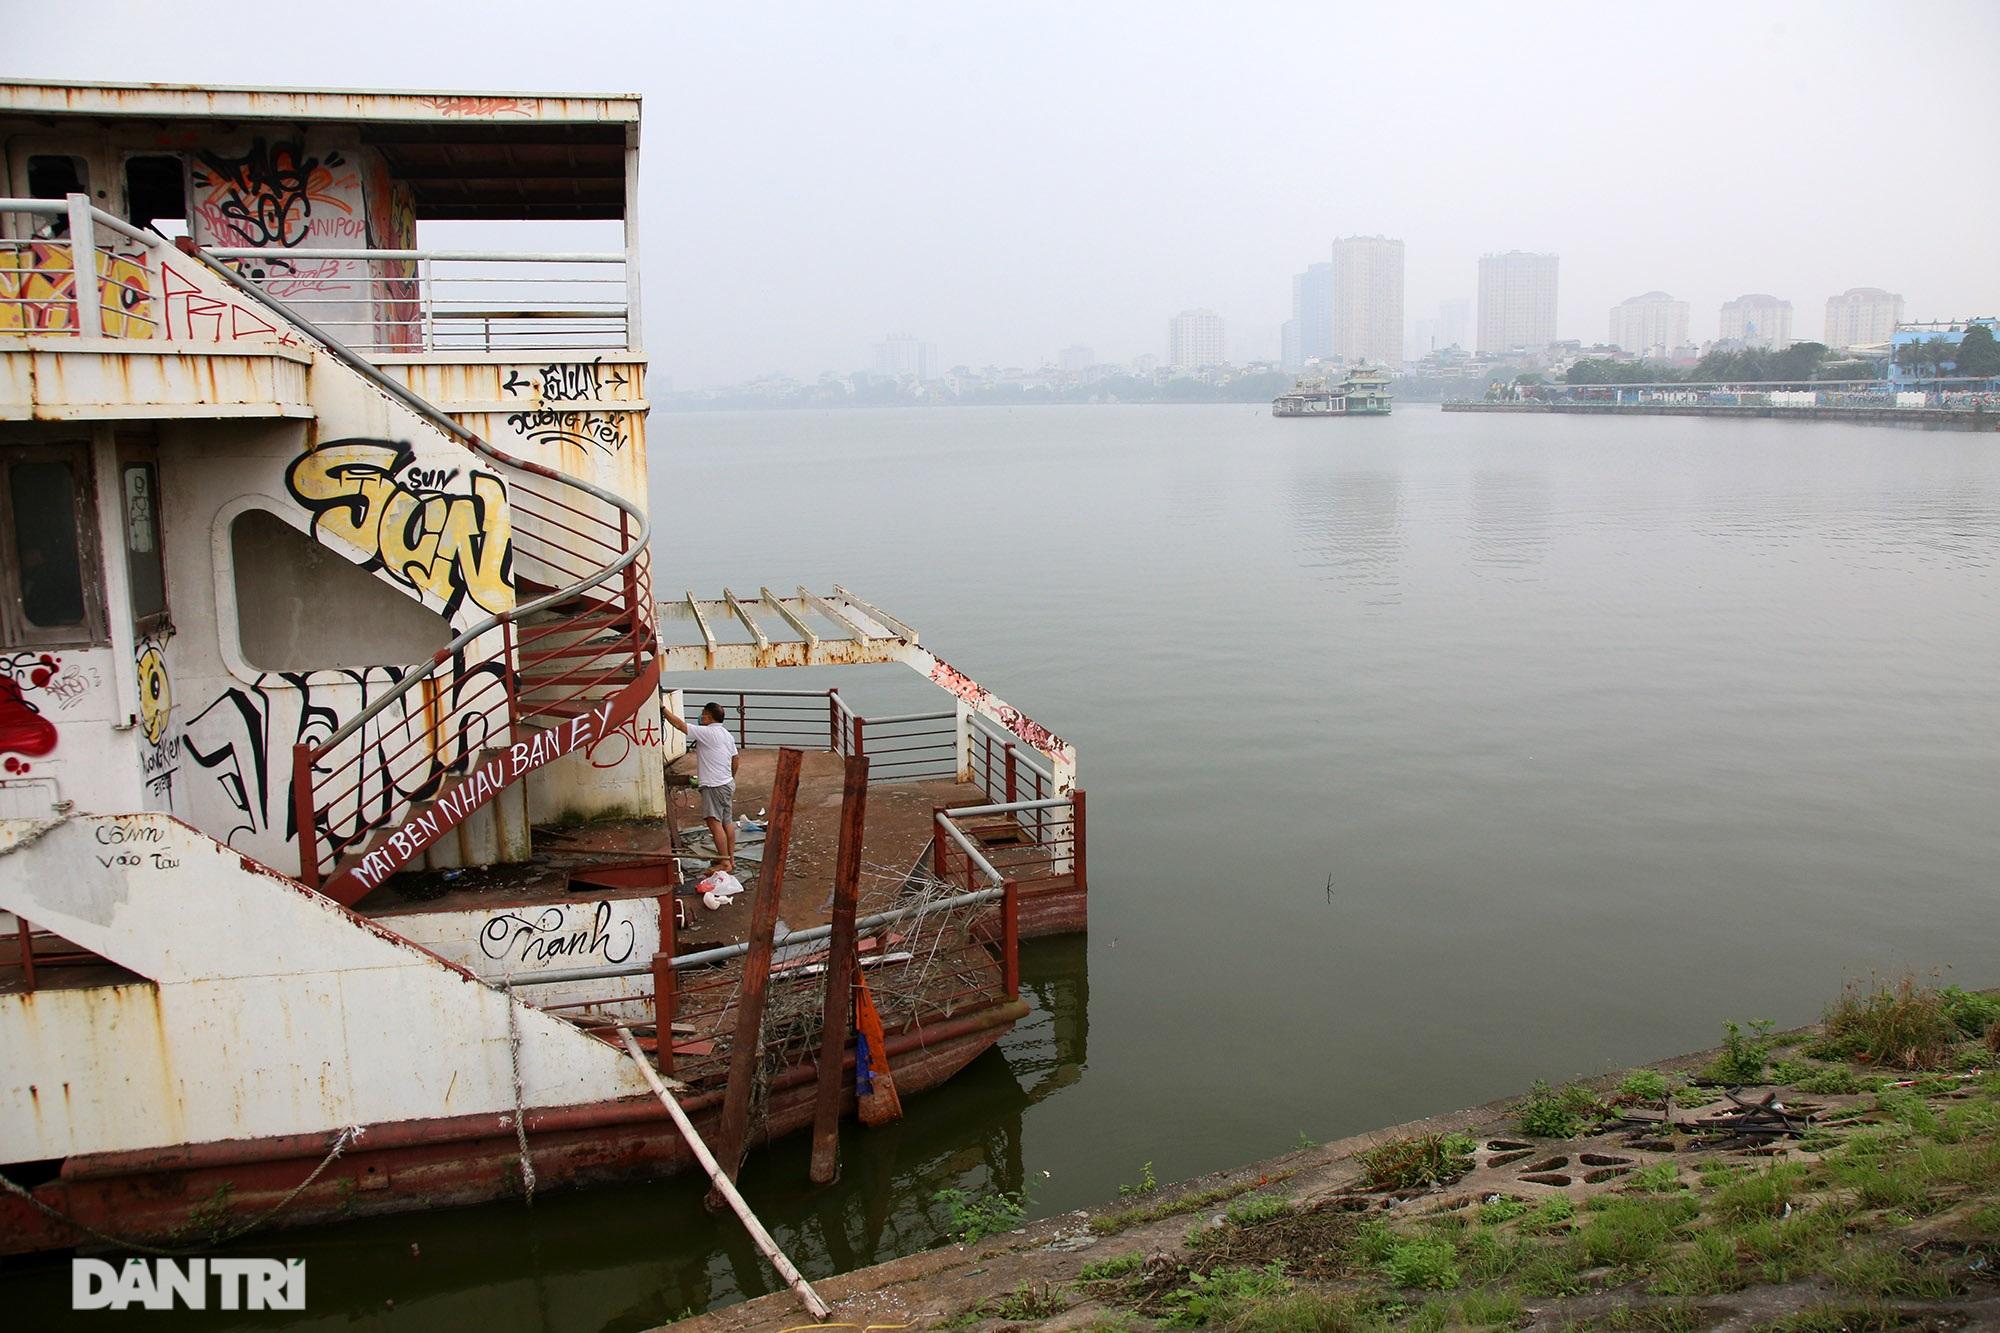 Xác tàu hoen gỉ nổi trên hồ Tây suốt 4 năm qua không được tháo dỡ - 15